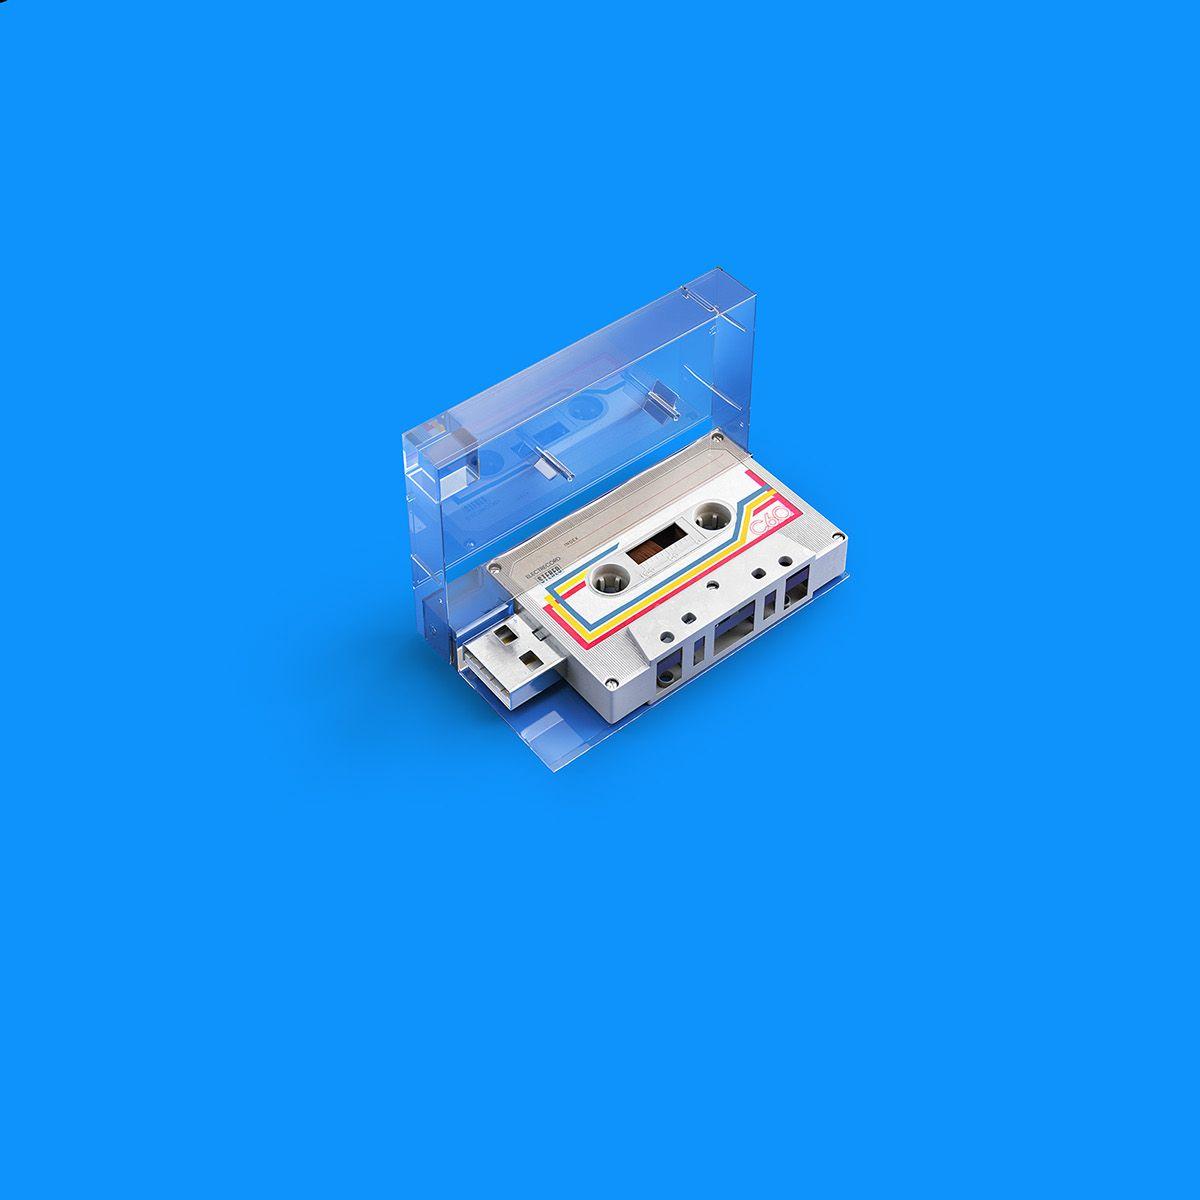 Memories Stick: Andrei Lacatusu cria pen drives inspirados em objetos clássicos e retrôs;